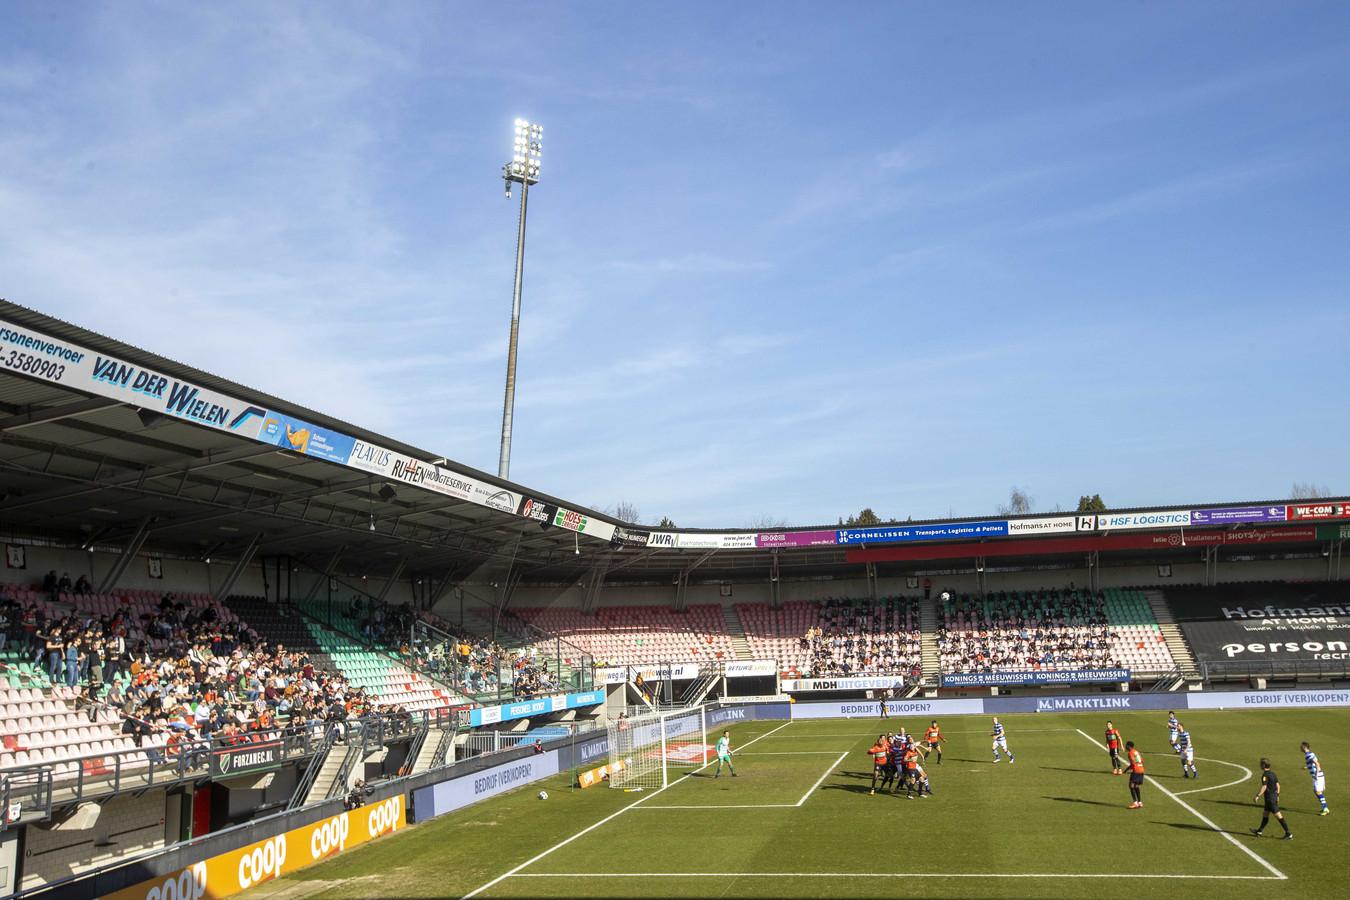 Supporters tijdens de voetbalwedstrijd tussen NEC en De Graafschap.